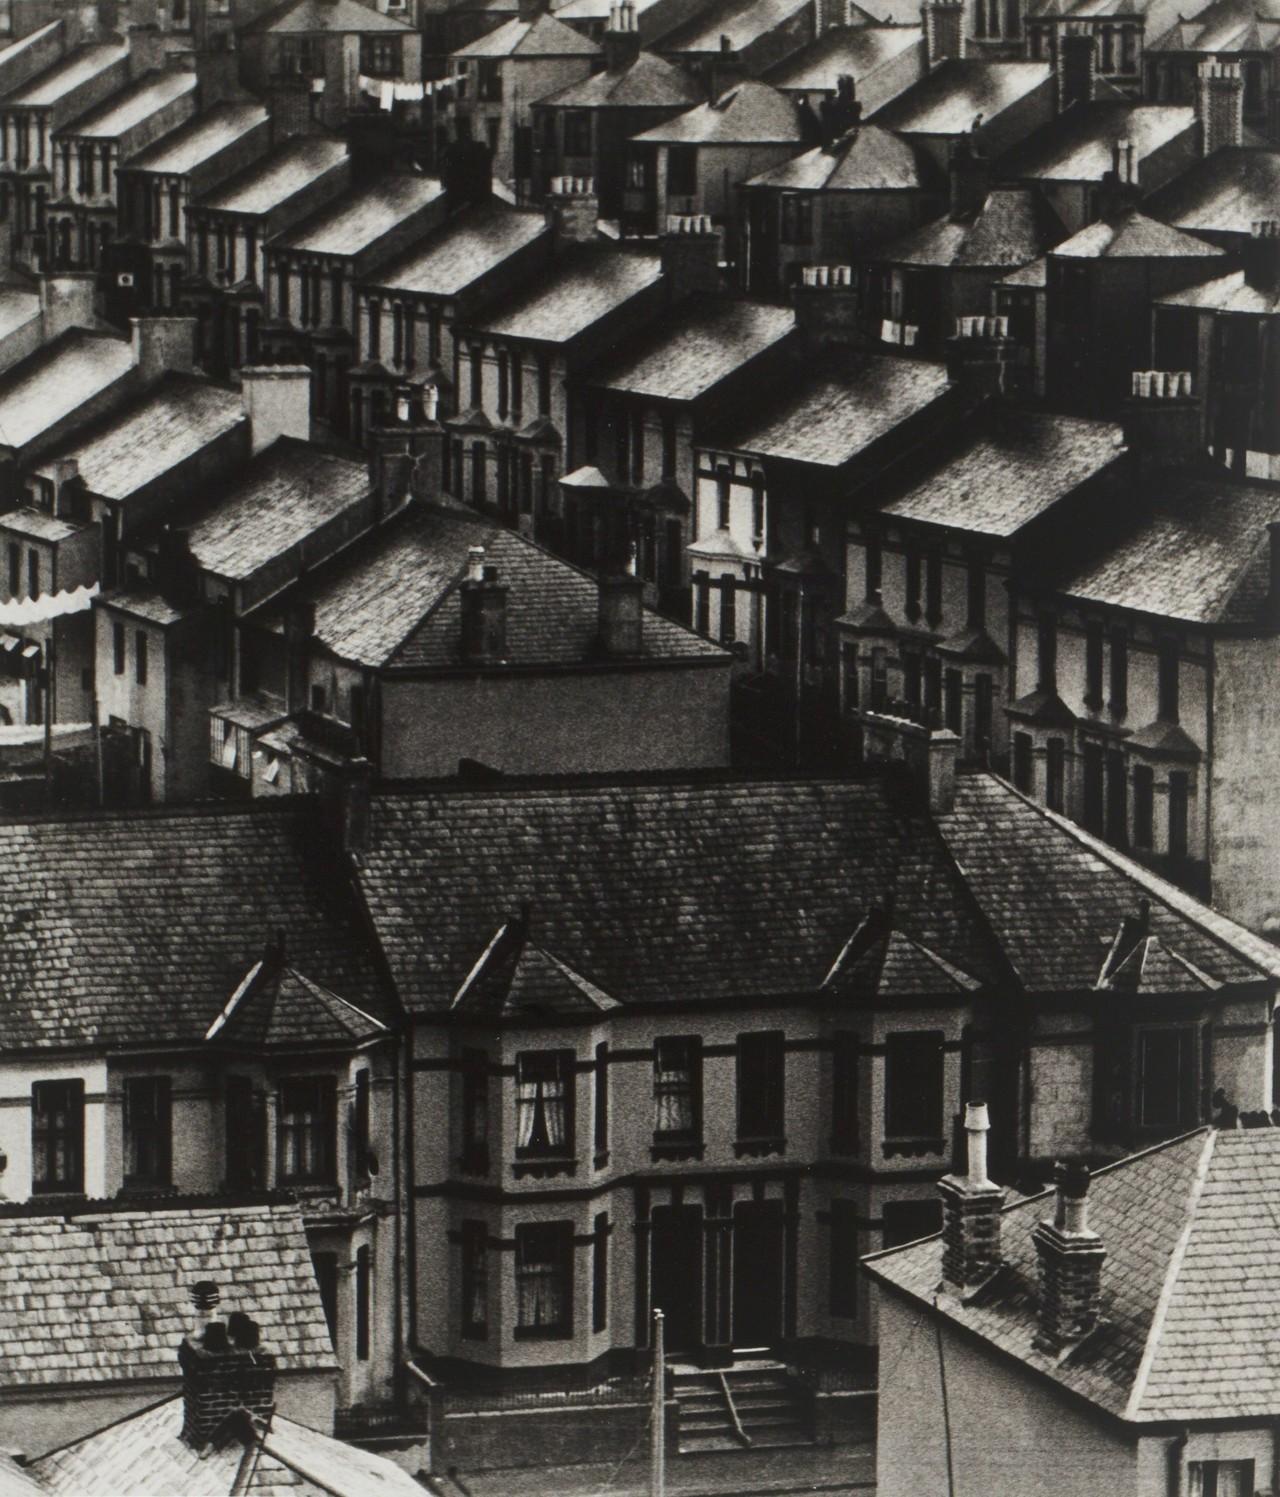 Промытые дождем крыши, 1932. Фотограф Билл Брандт